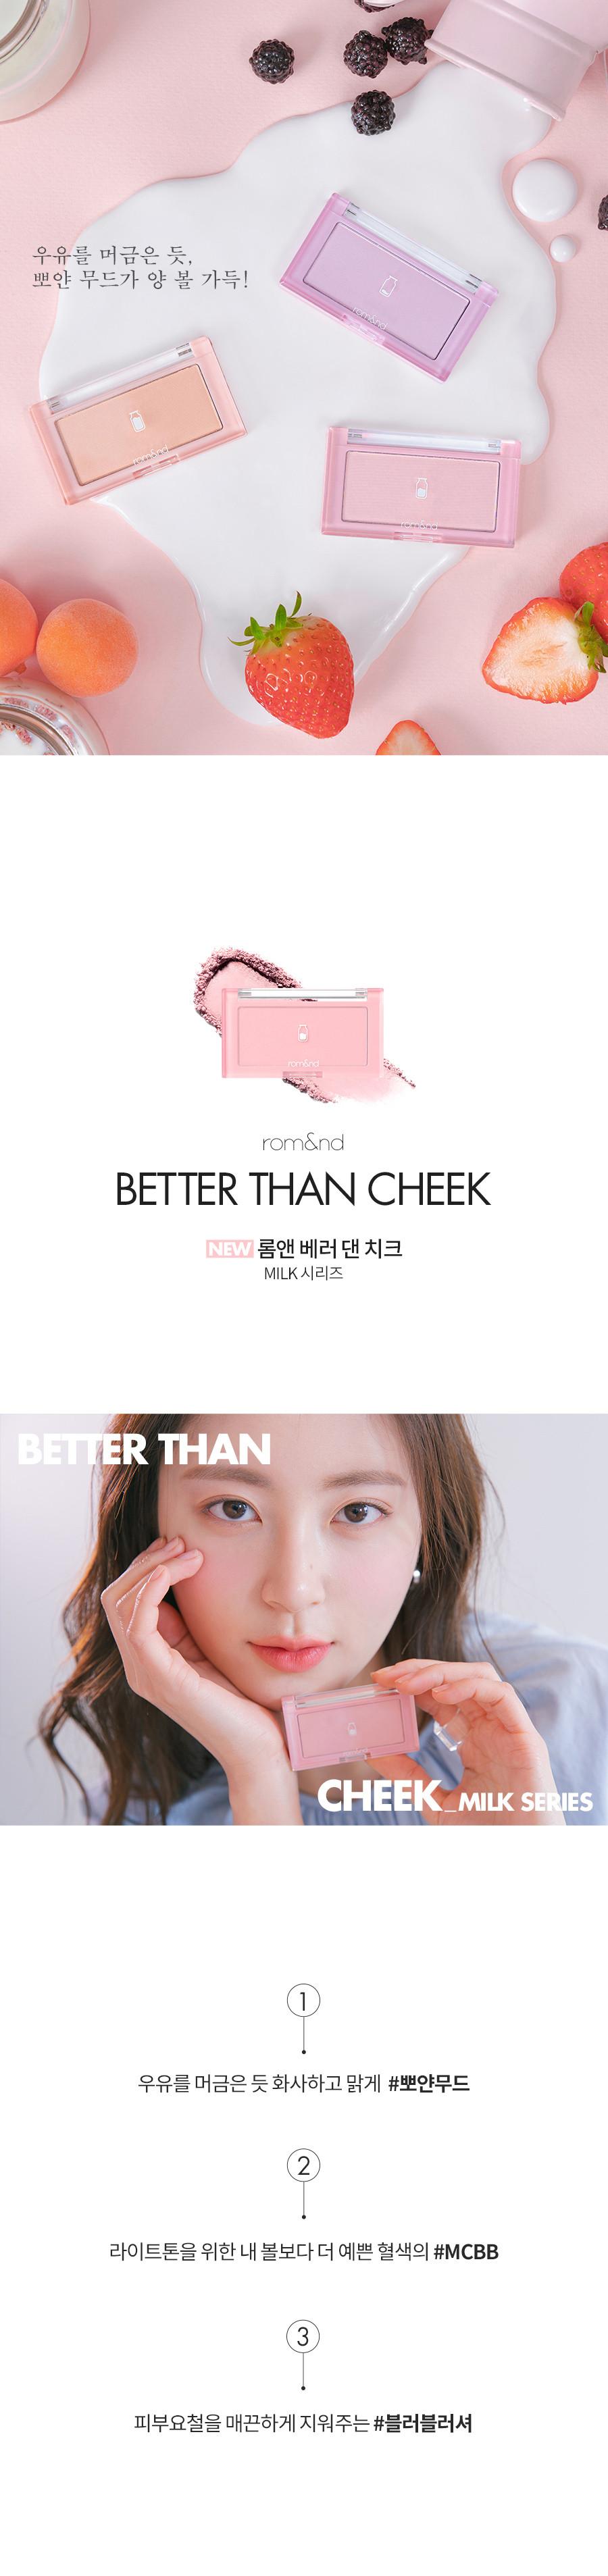 BETTER_THAN_CHEEK_1-1.jpg